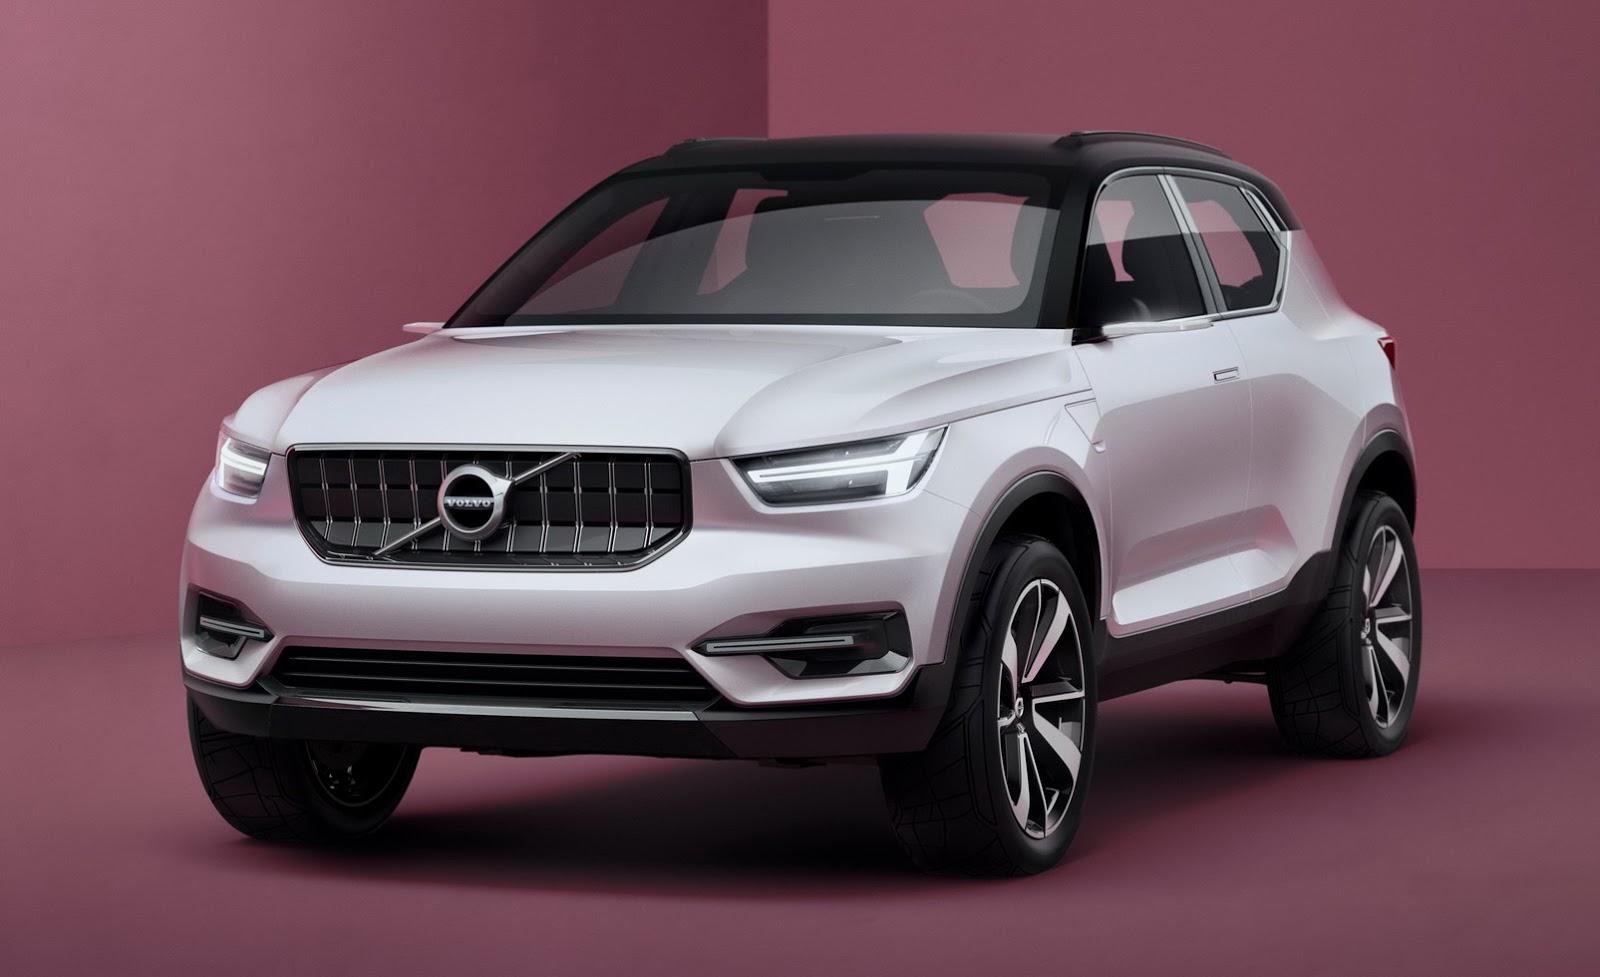 El nuevo Volvo XC40 supondrá un fuerte impulso en las ventas de la marca sueca.